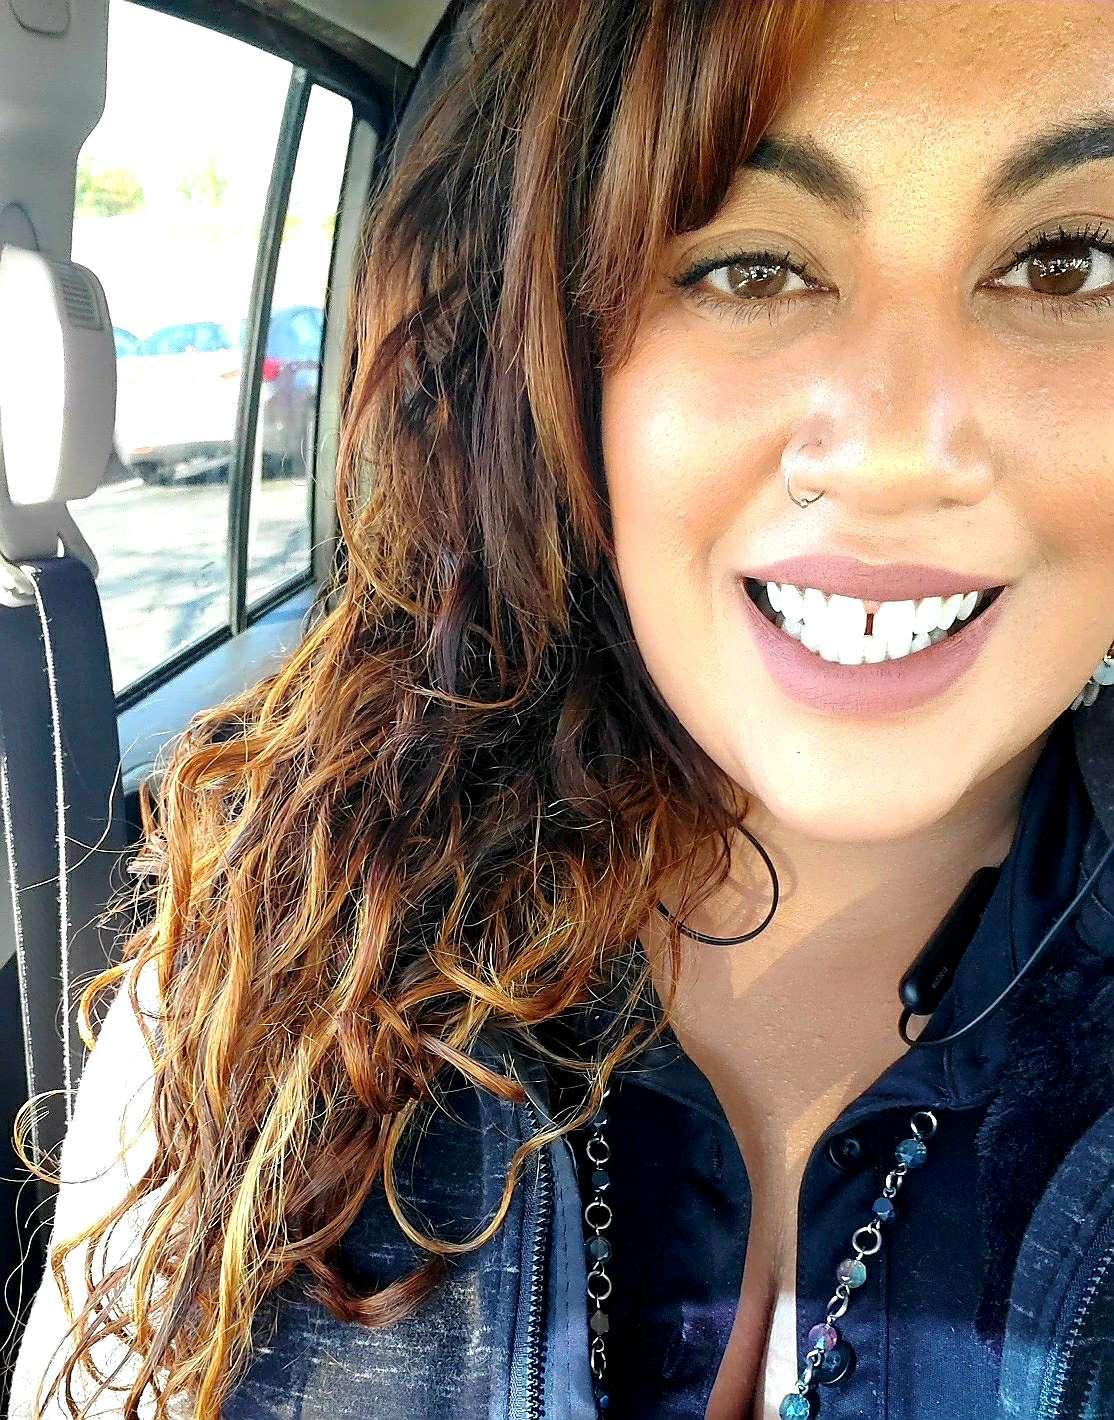 Tanya Merza's profile image